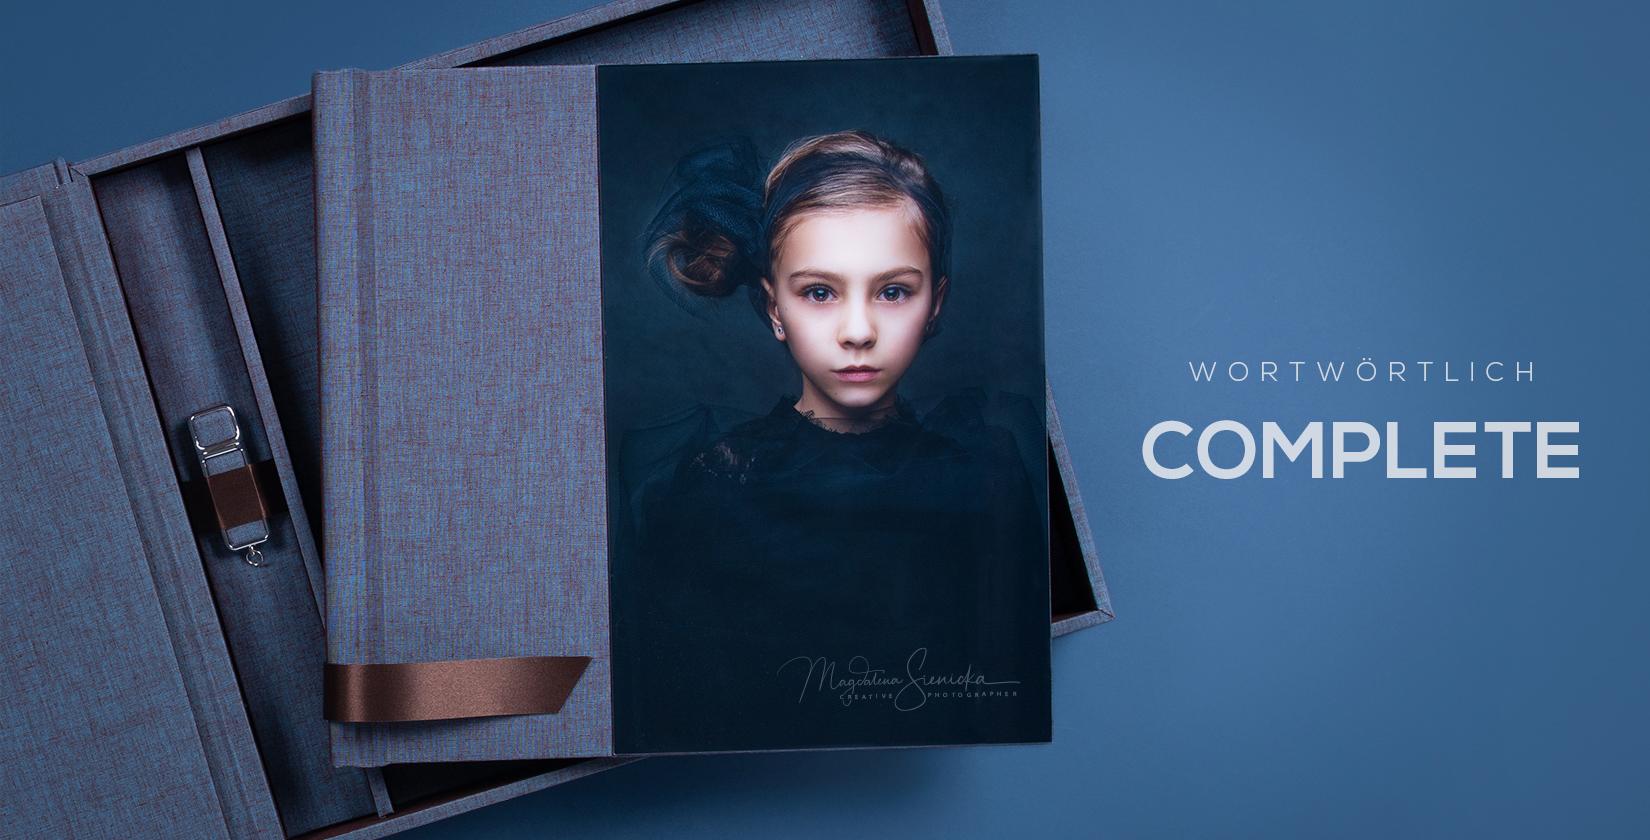 3in1 Complete Fotoalbum Set mit Box und USB nPhoto